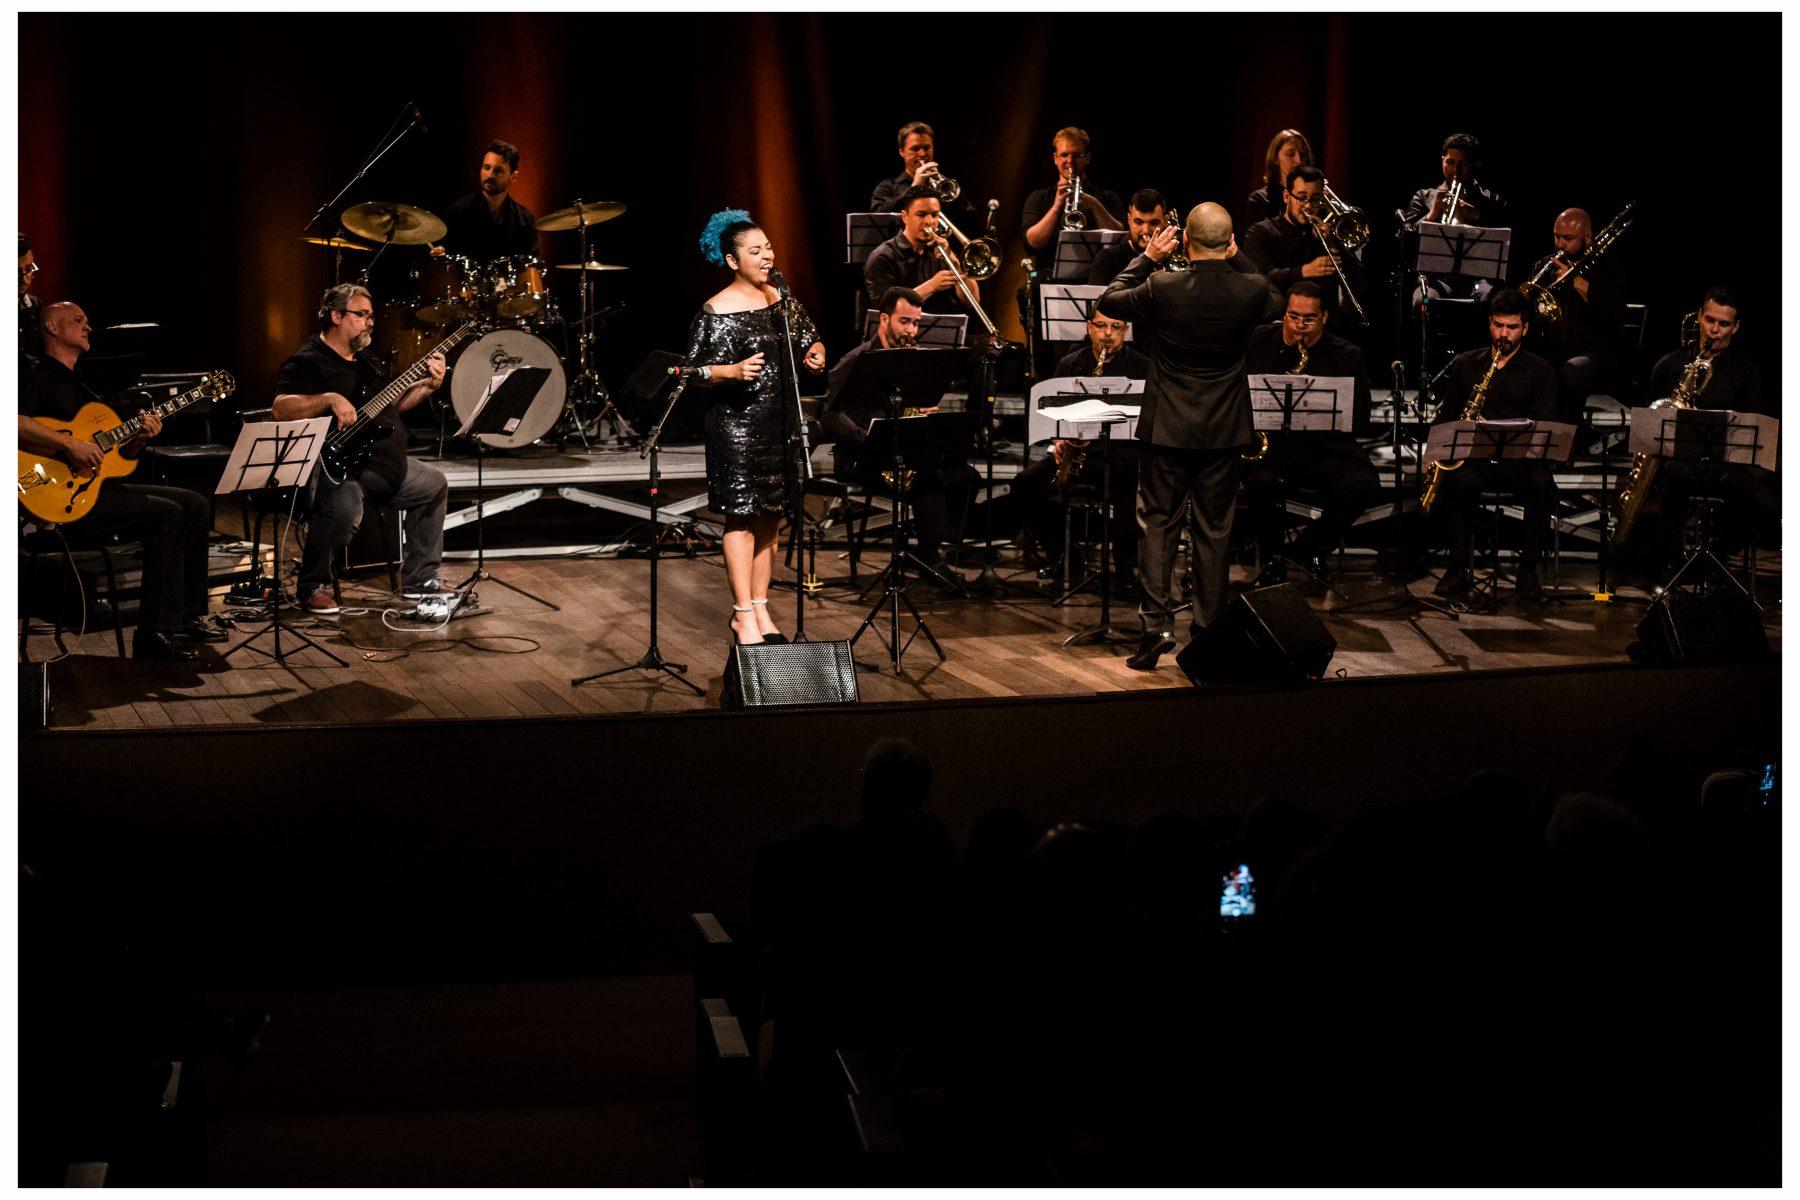 Público lota teatro do CESCB para última apresentação da Big Band Brusque em 2019